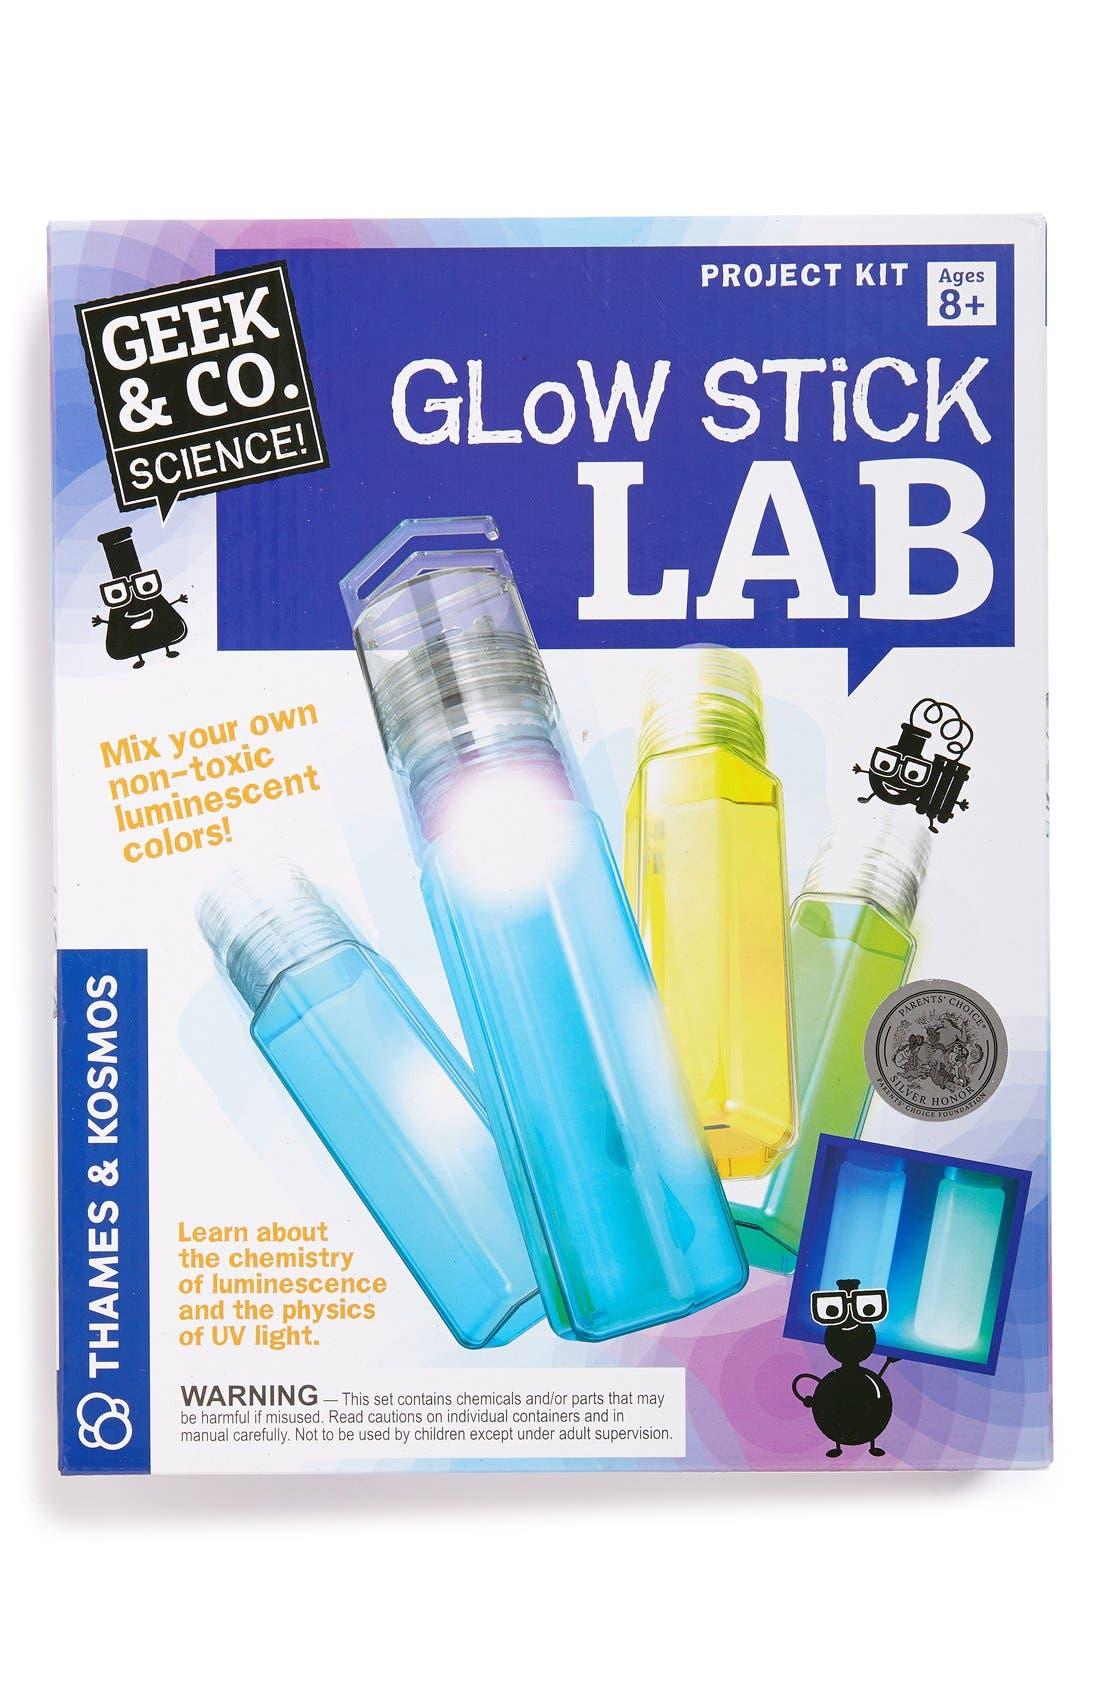 Alternate Image 1 Selected - Thames & Kosmos 'Glow Stick Lab' Kit